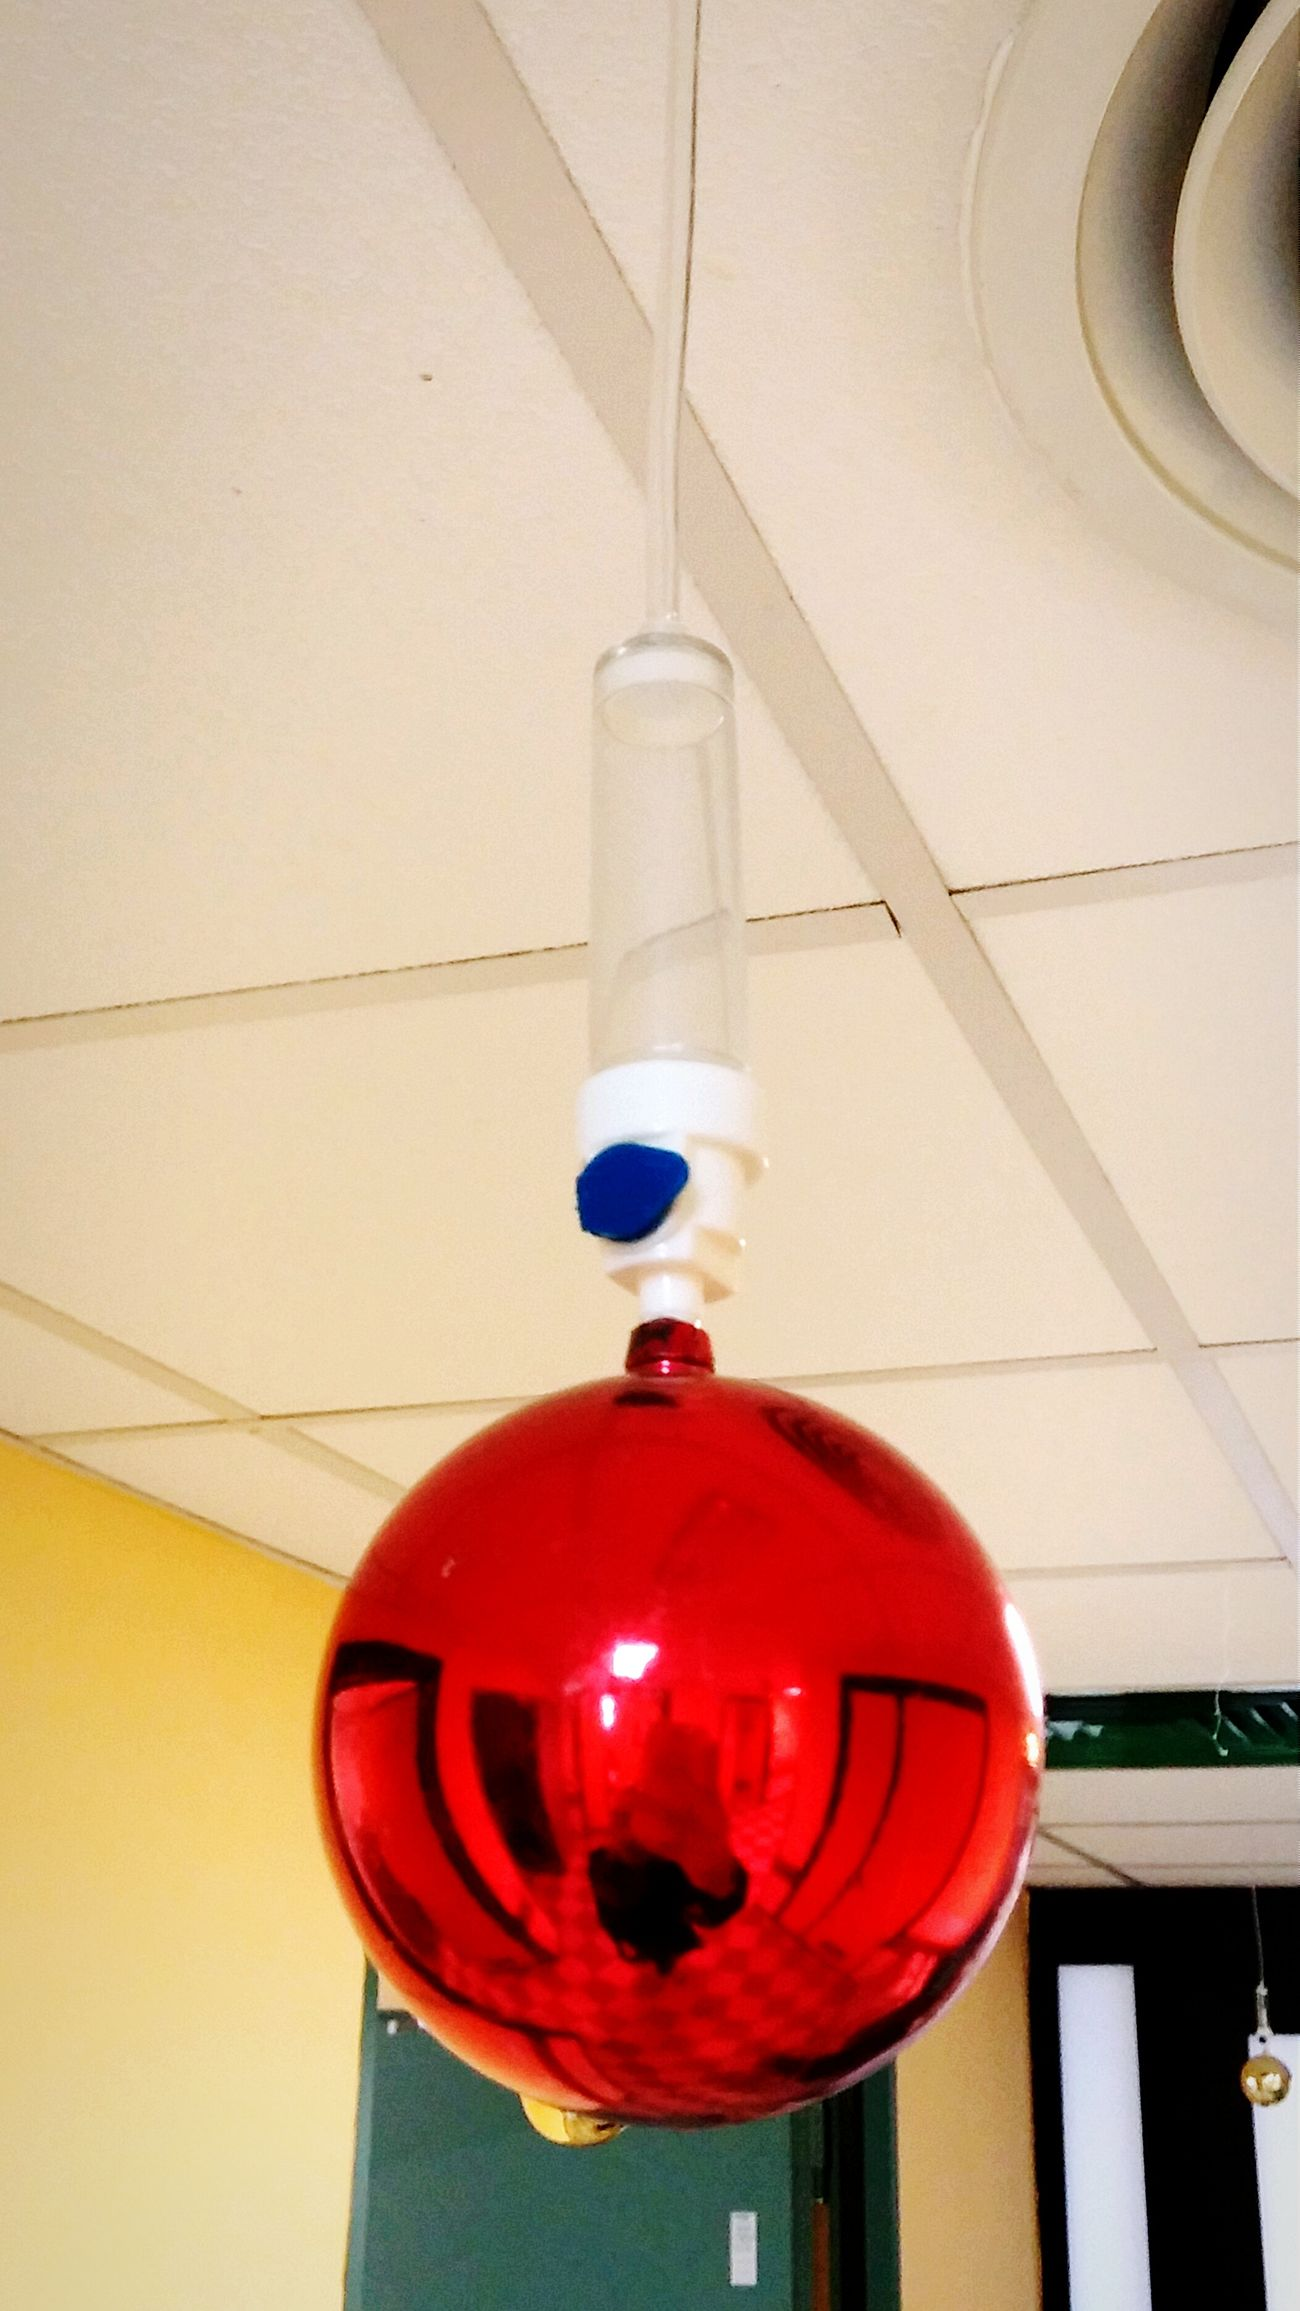 Ball My Crismas Cristmas Hospital Life Christmas Tree